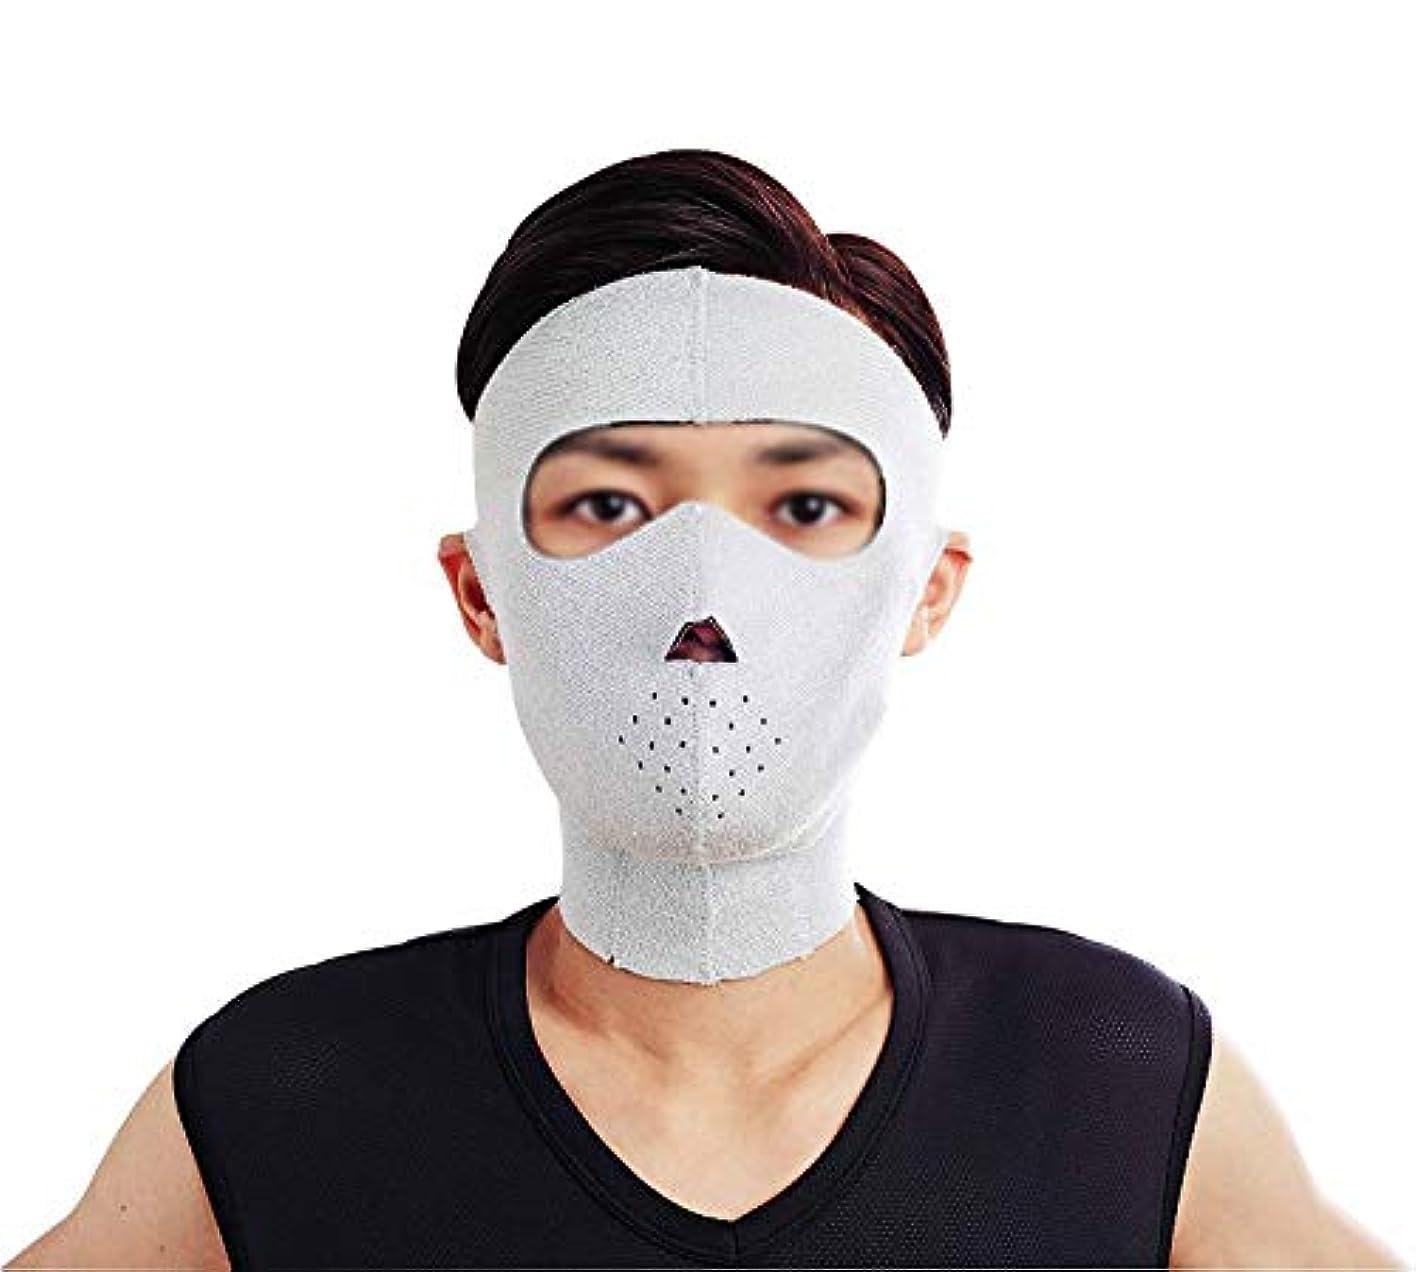 現象置き場禁じるTLMY 薄い顔のマスクのマスクと男性のネックバンドとの垂れ下がり防止の薄い顔のマスクの薄い顔のマスクのアーチファクトの美しさを引き締め 顔用整形マスク